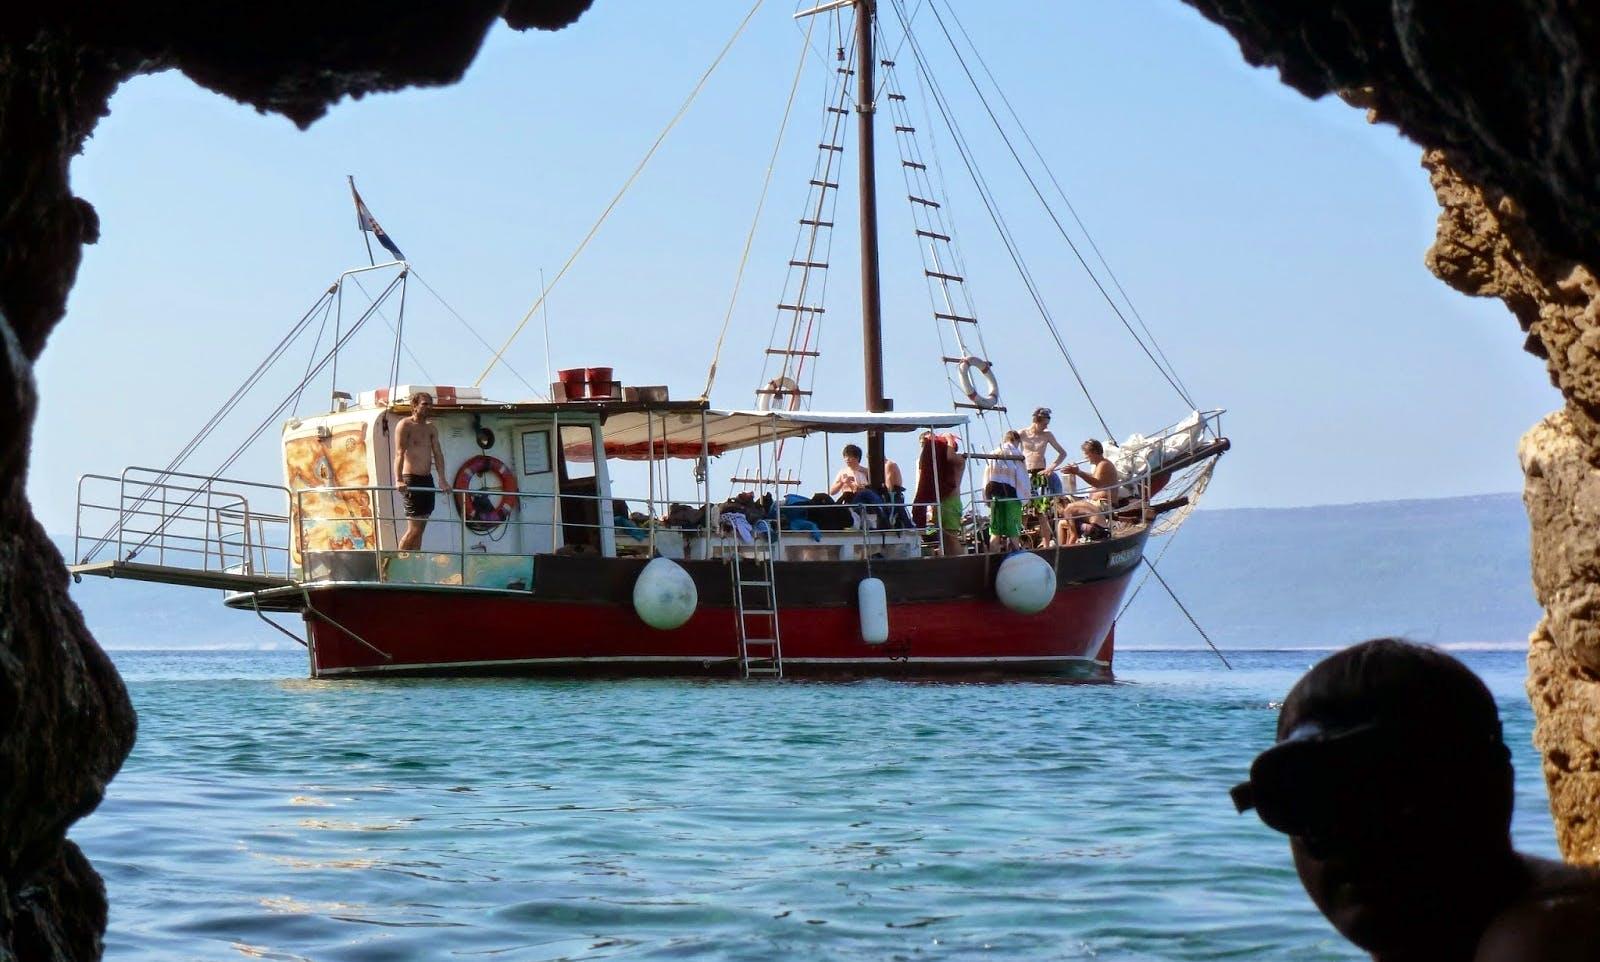 Kosljun Boat Diving Trips in Krk